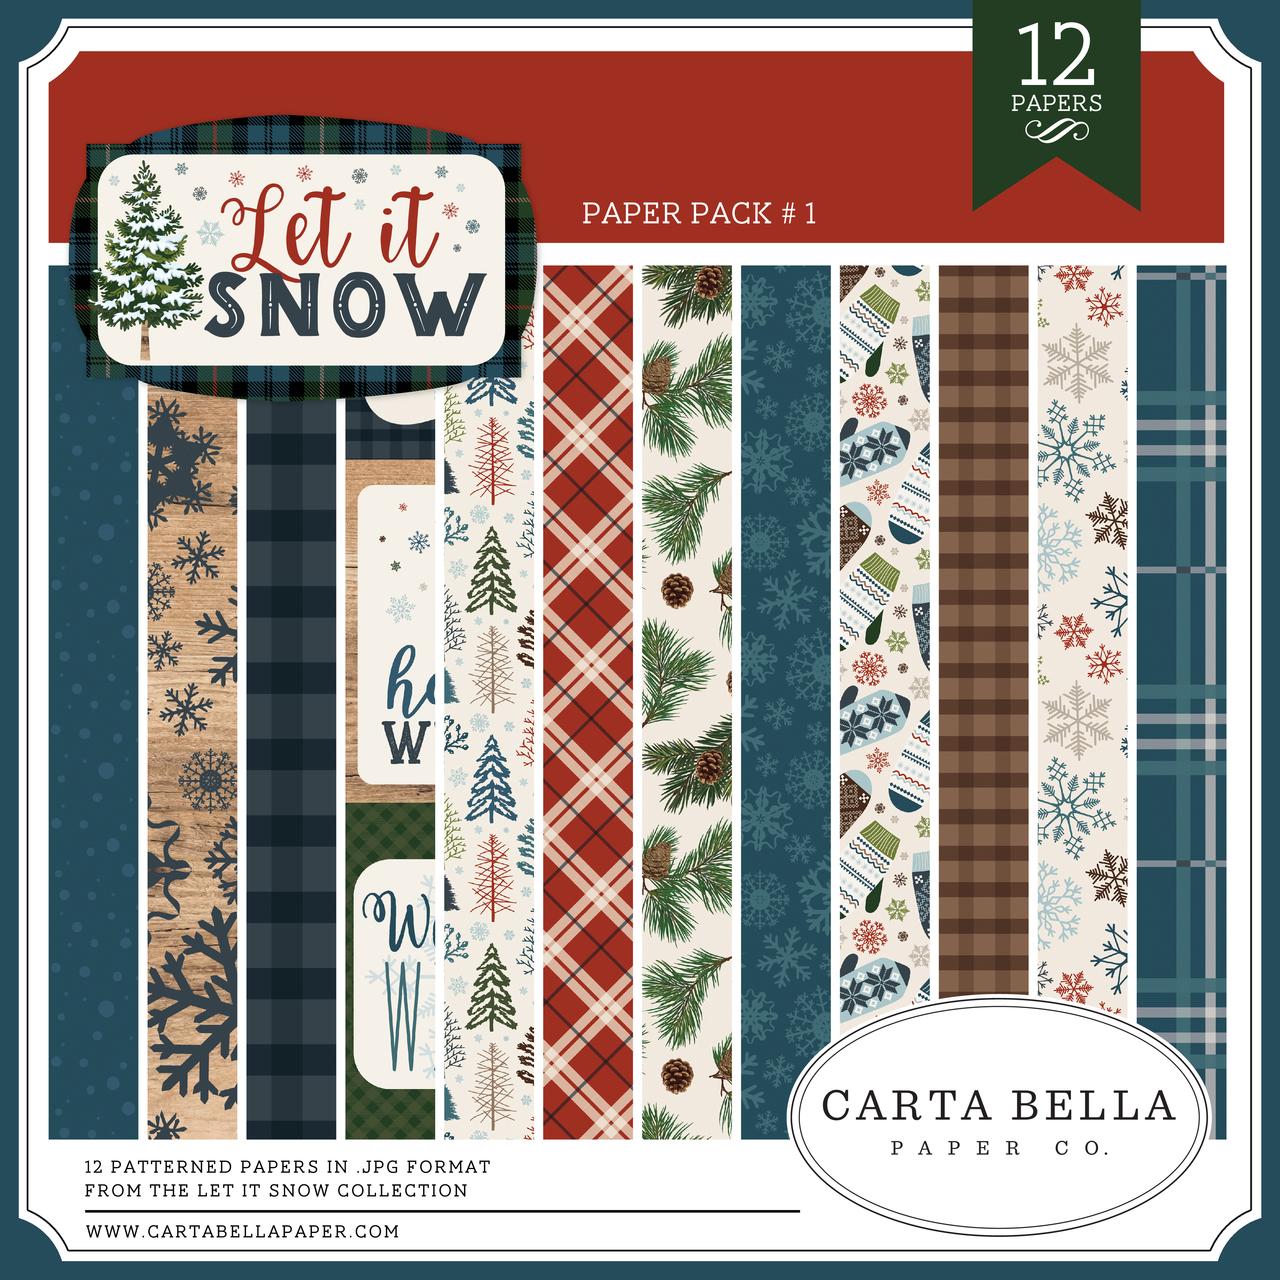 Let It Snow Paper Pack #1